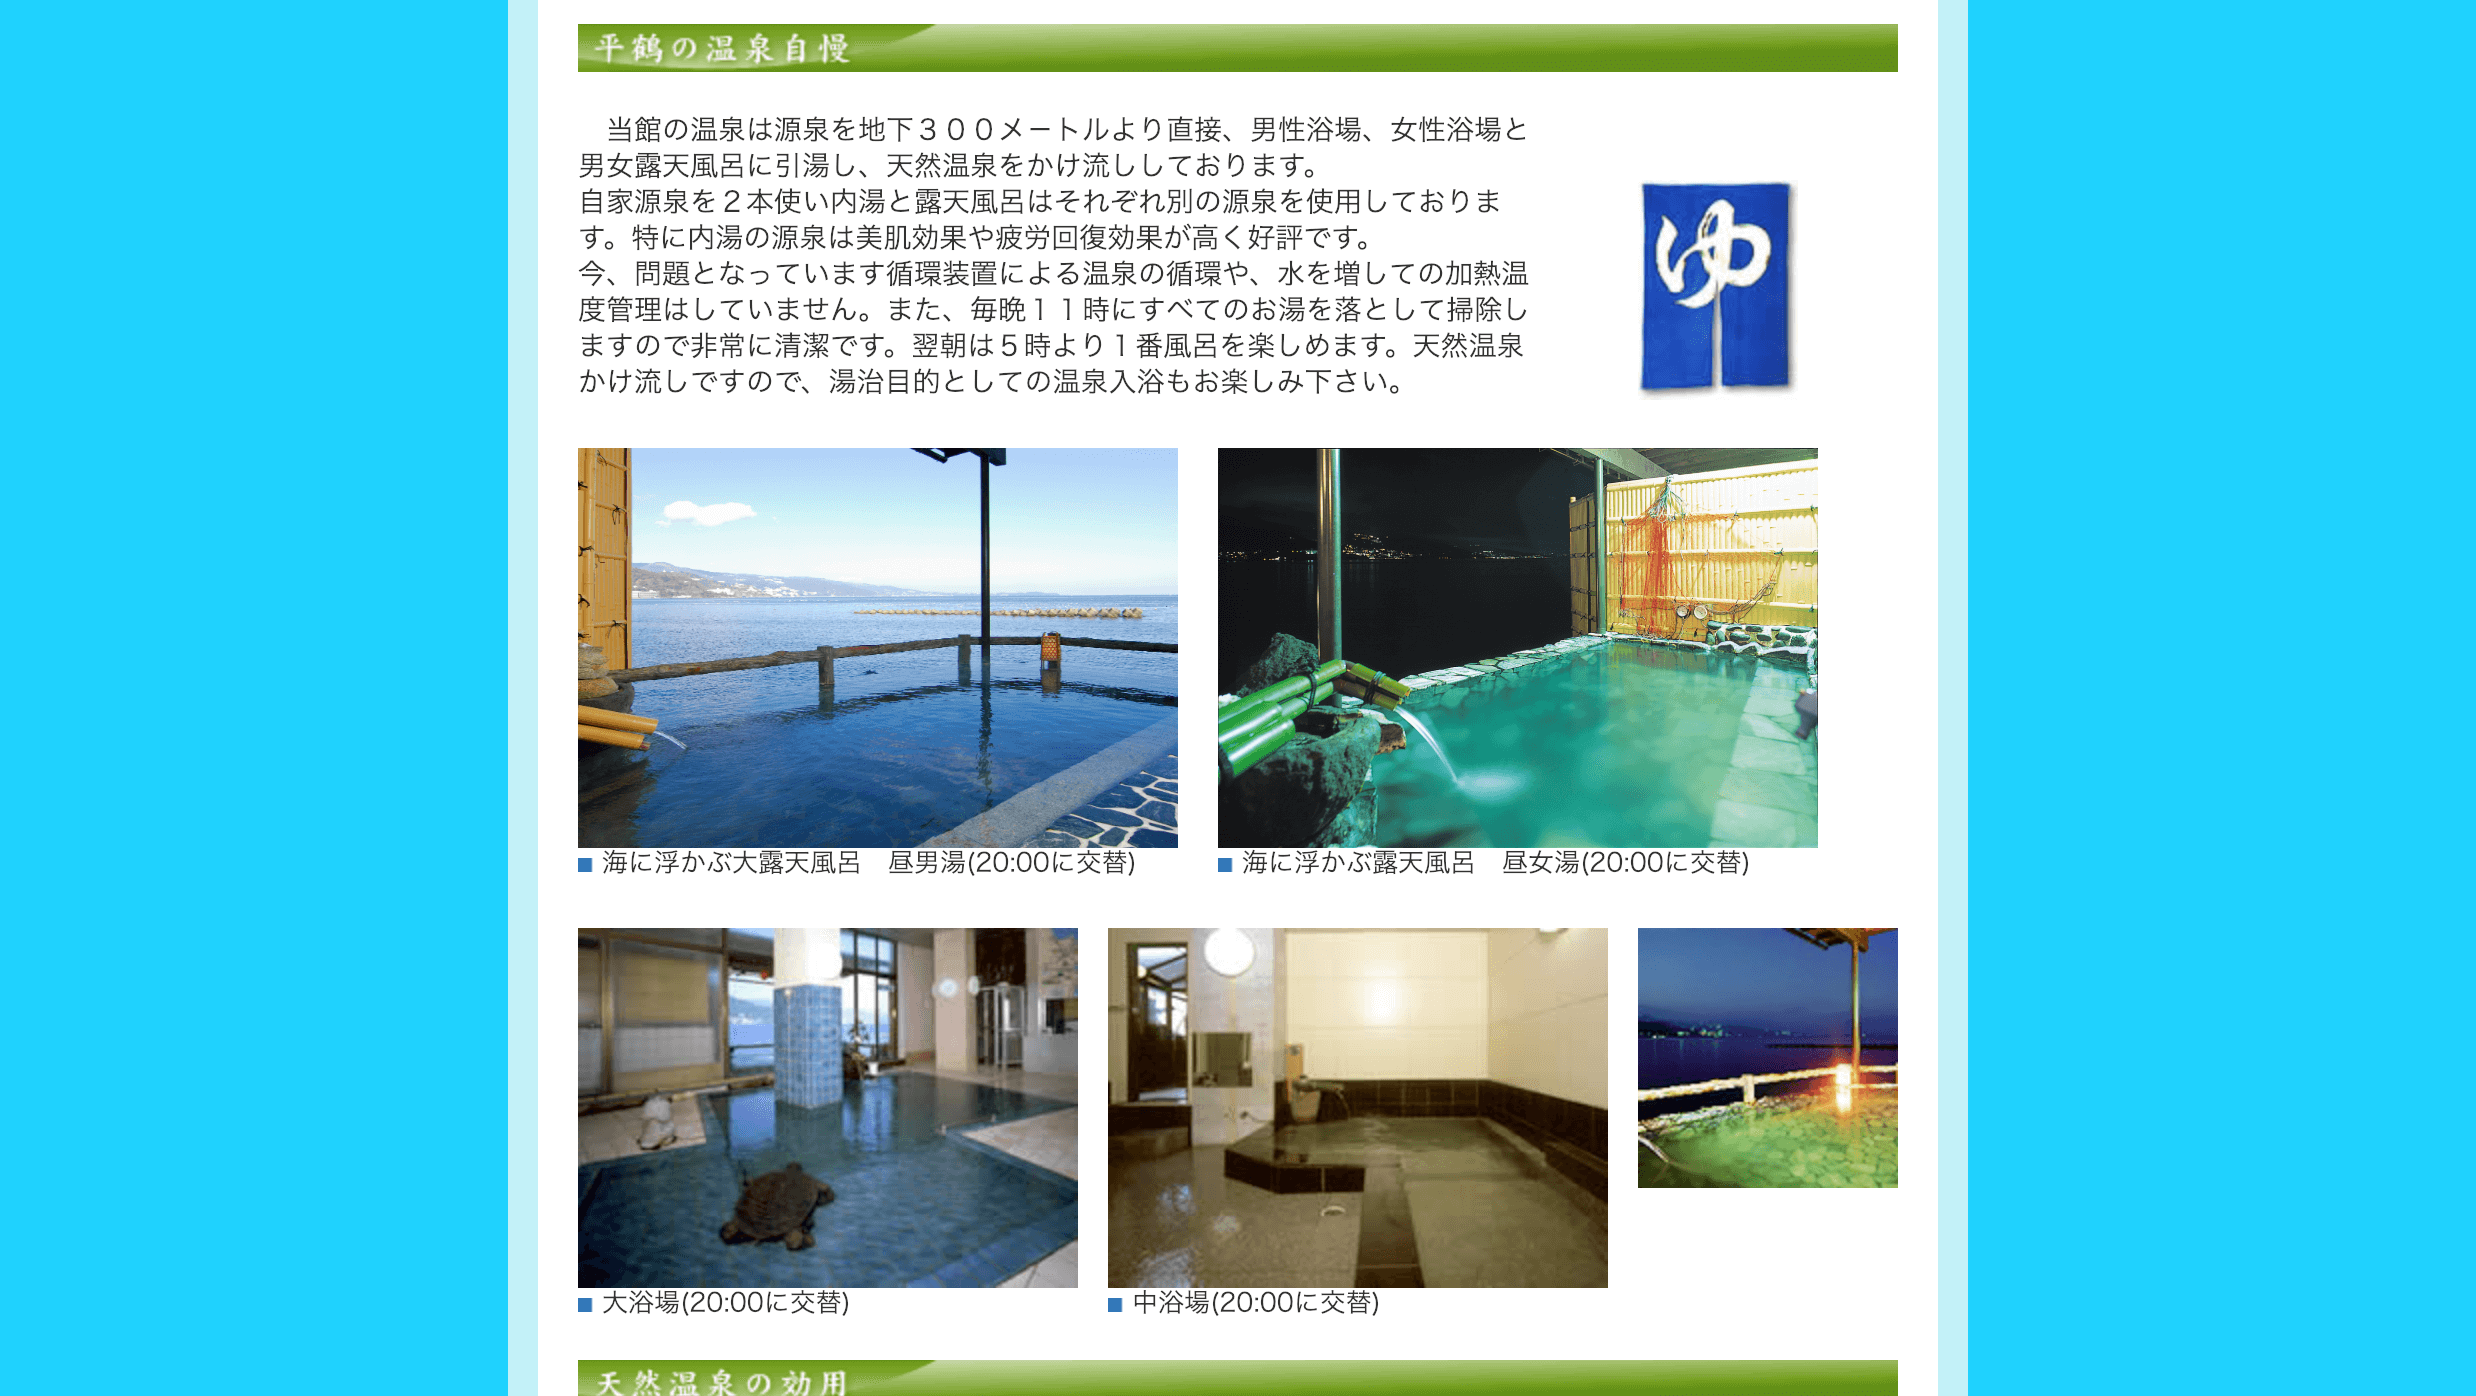 平鶴の温泉